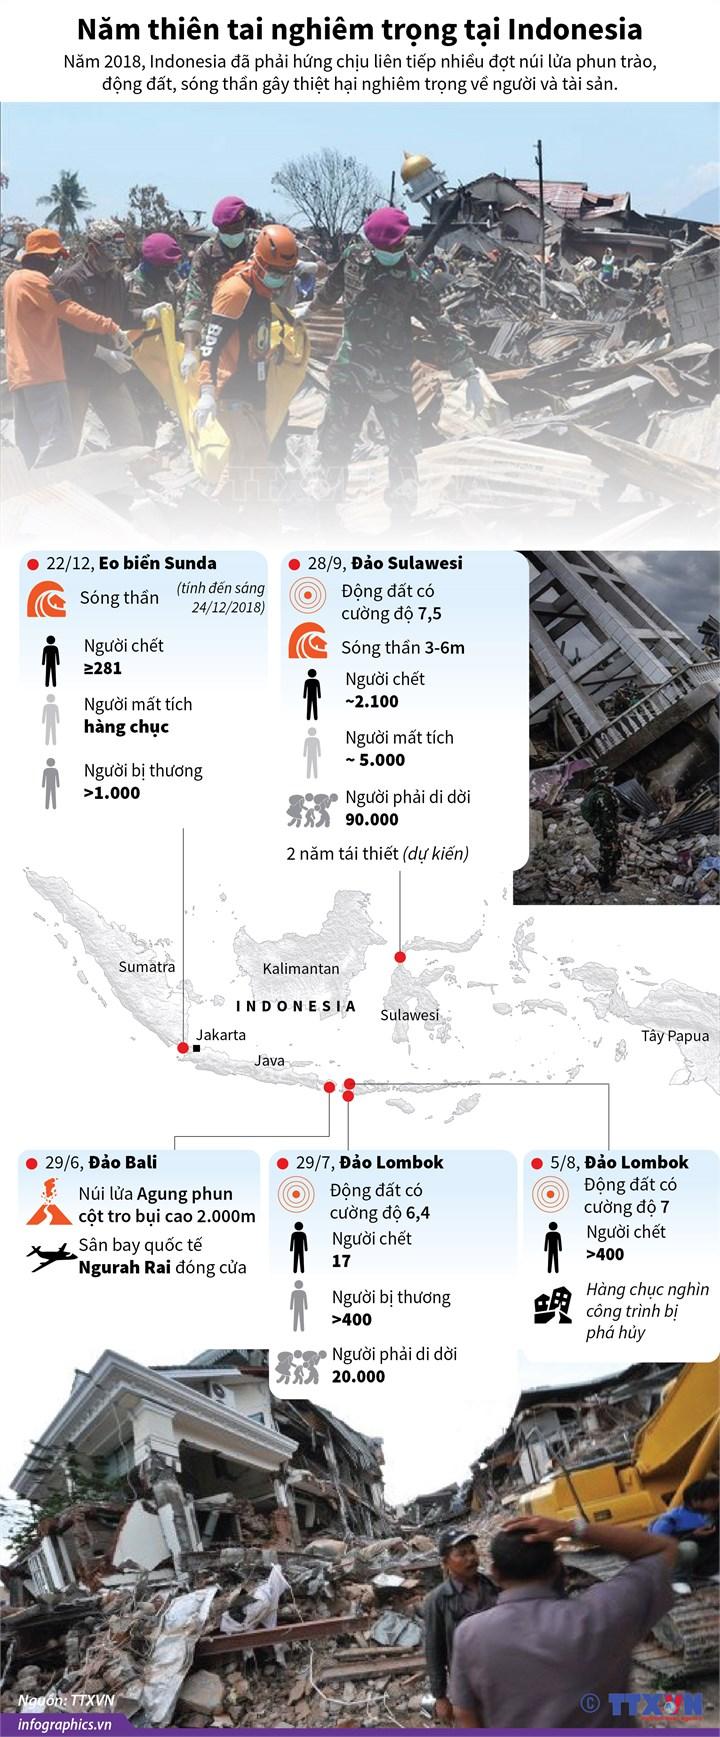 [Infographic] Năm thiên tai nghiêm trọng tại Indonesia - Ảnh 1